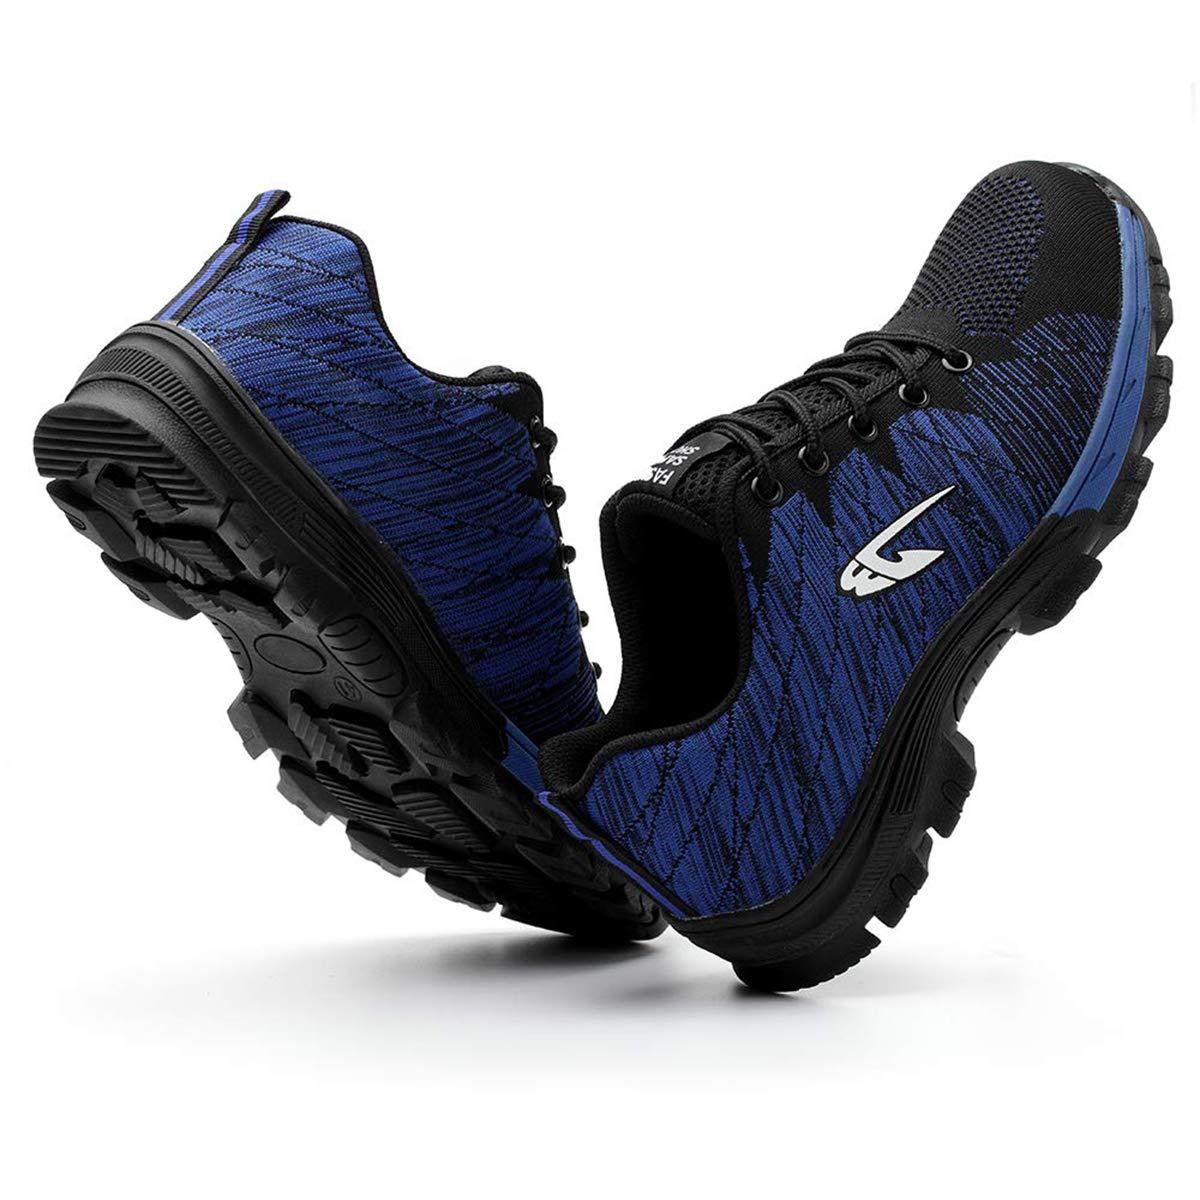 HYHAOO Zapatos de Seguridad para Hombre Transpirable Ligeras con Puntera de Acero Zapatillas de Seguridad Trabajo Unisex Calzado de Industrial y Deportiva